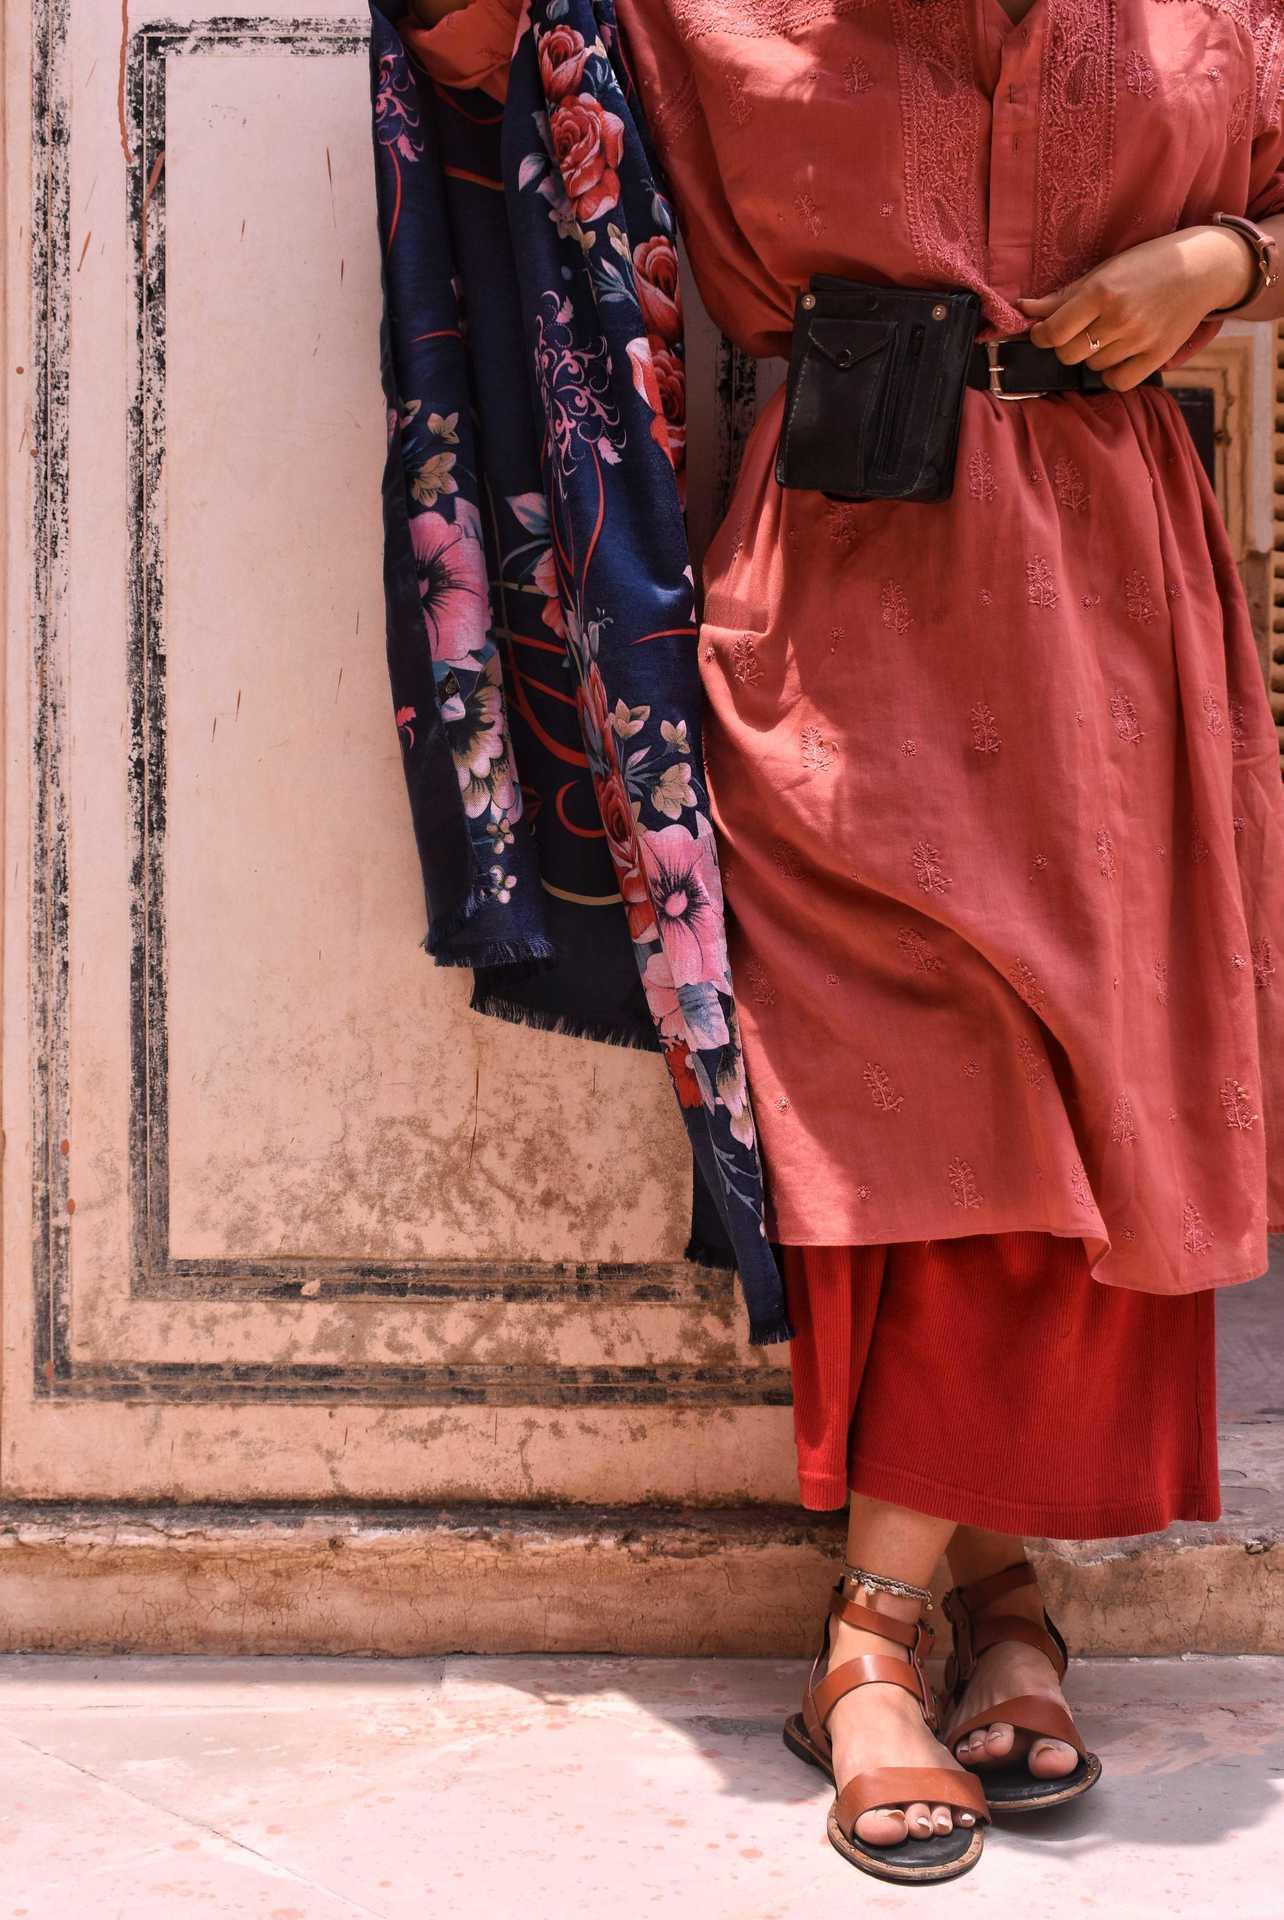 A Desi Praheli - DSC_0667-01